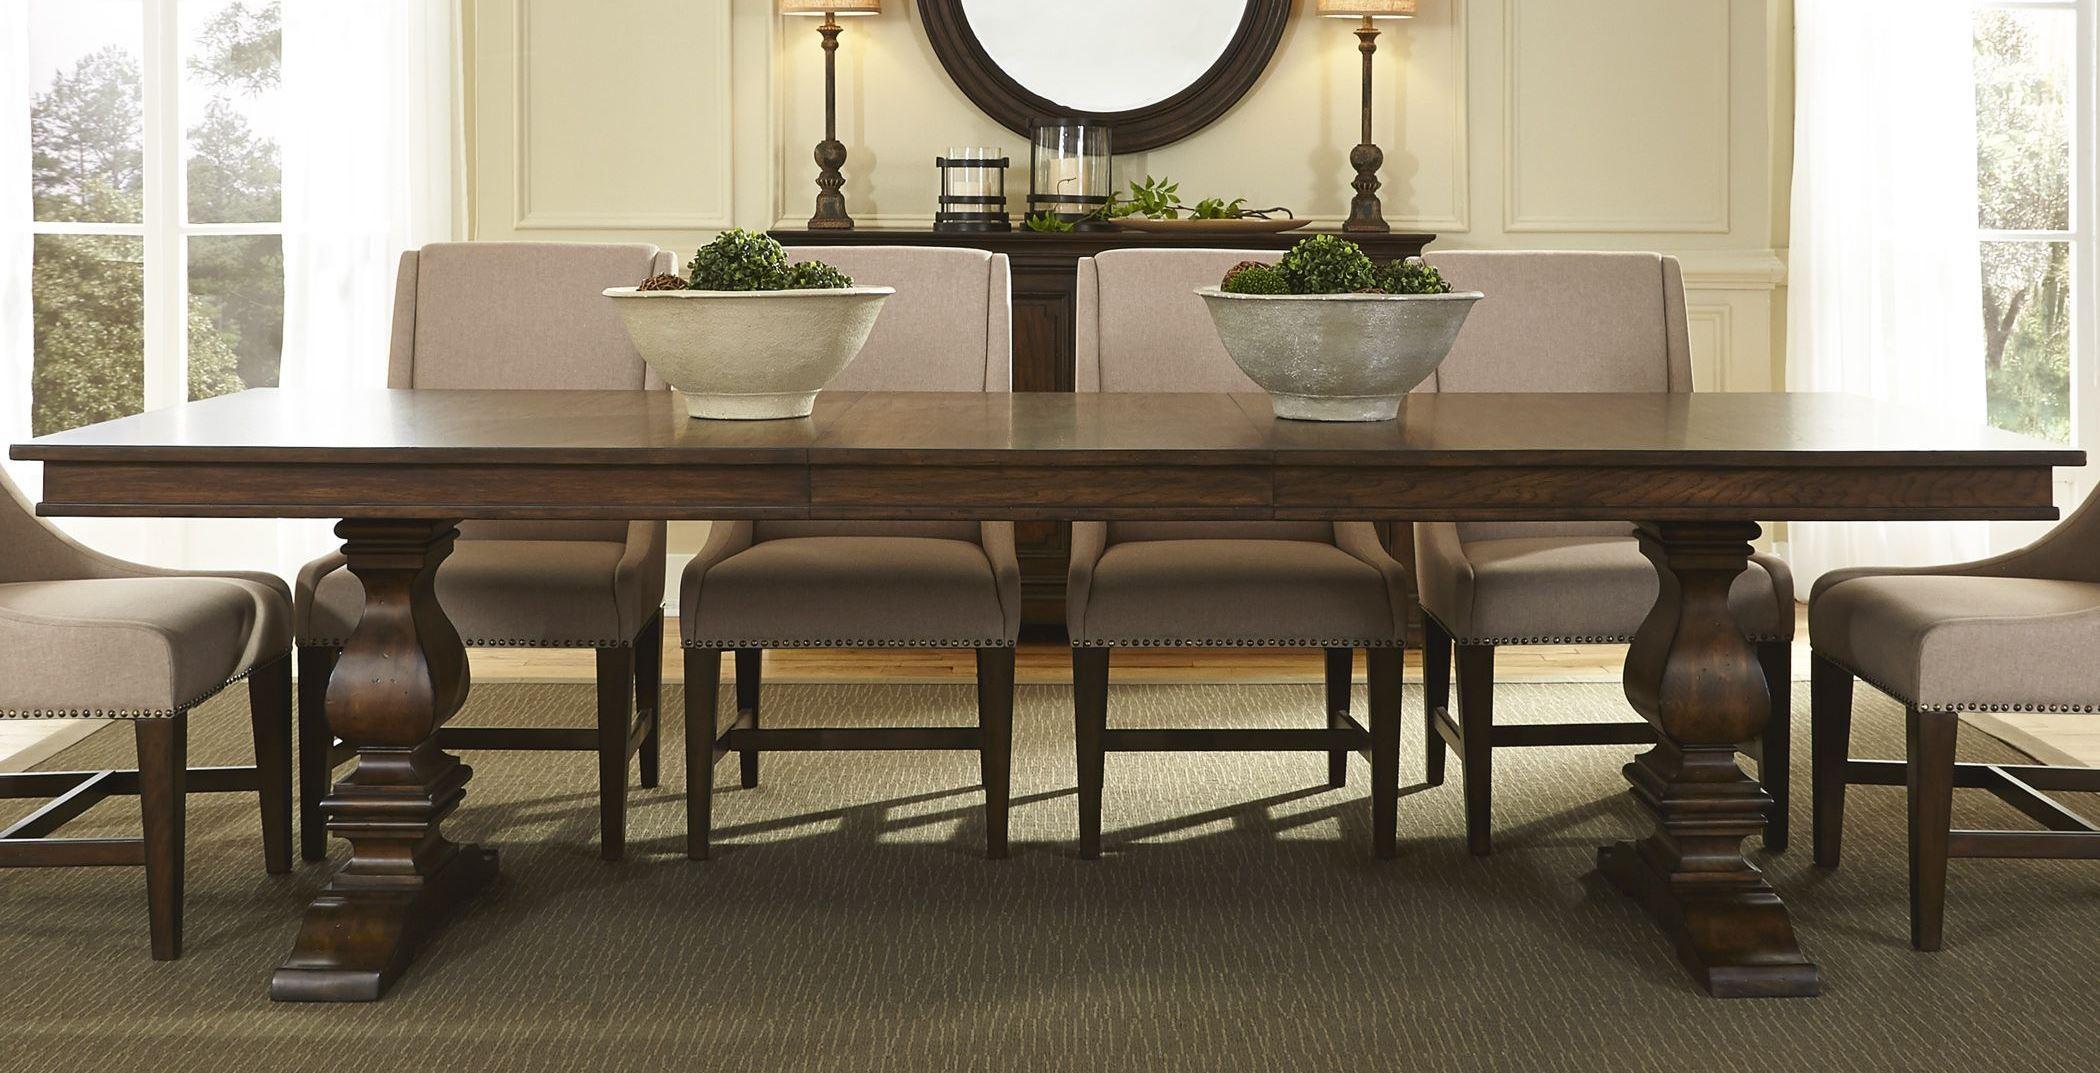 Armand antique brownstone extendable trestle dining table for Trestle dining table